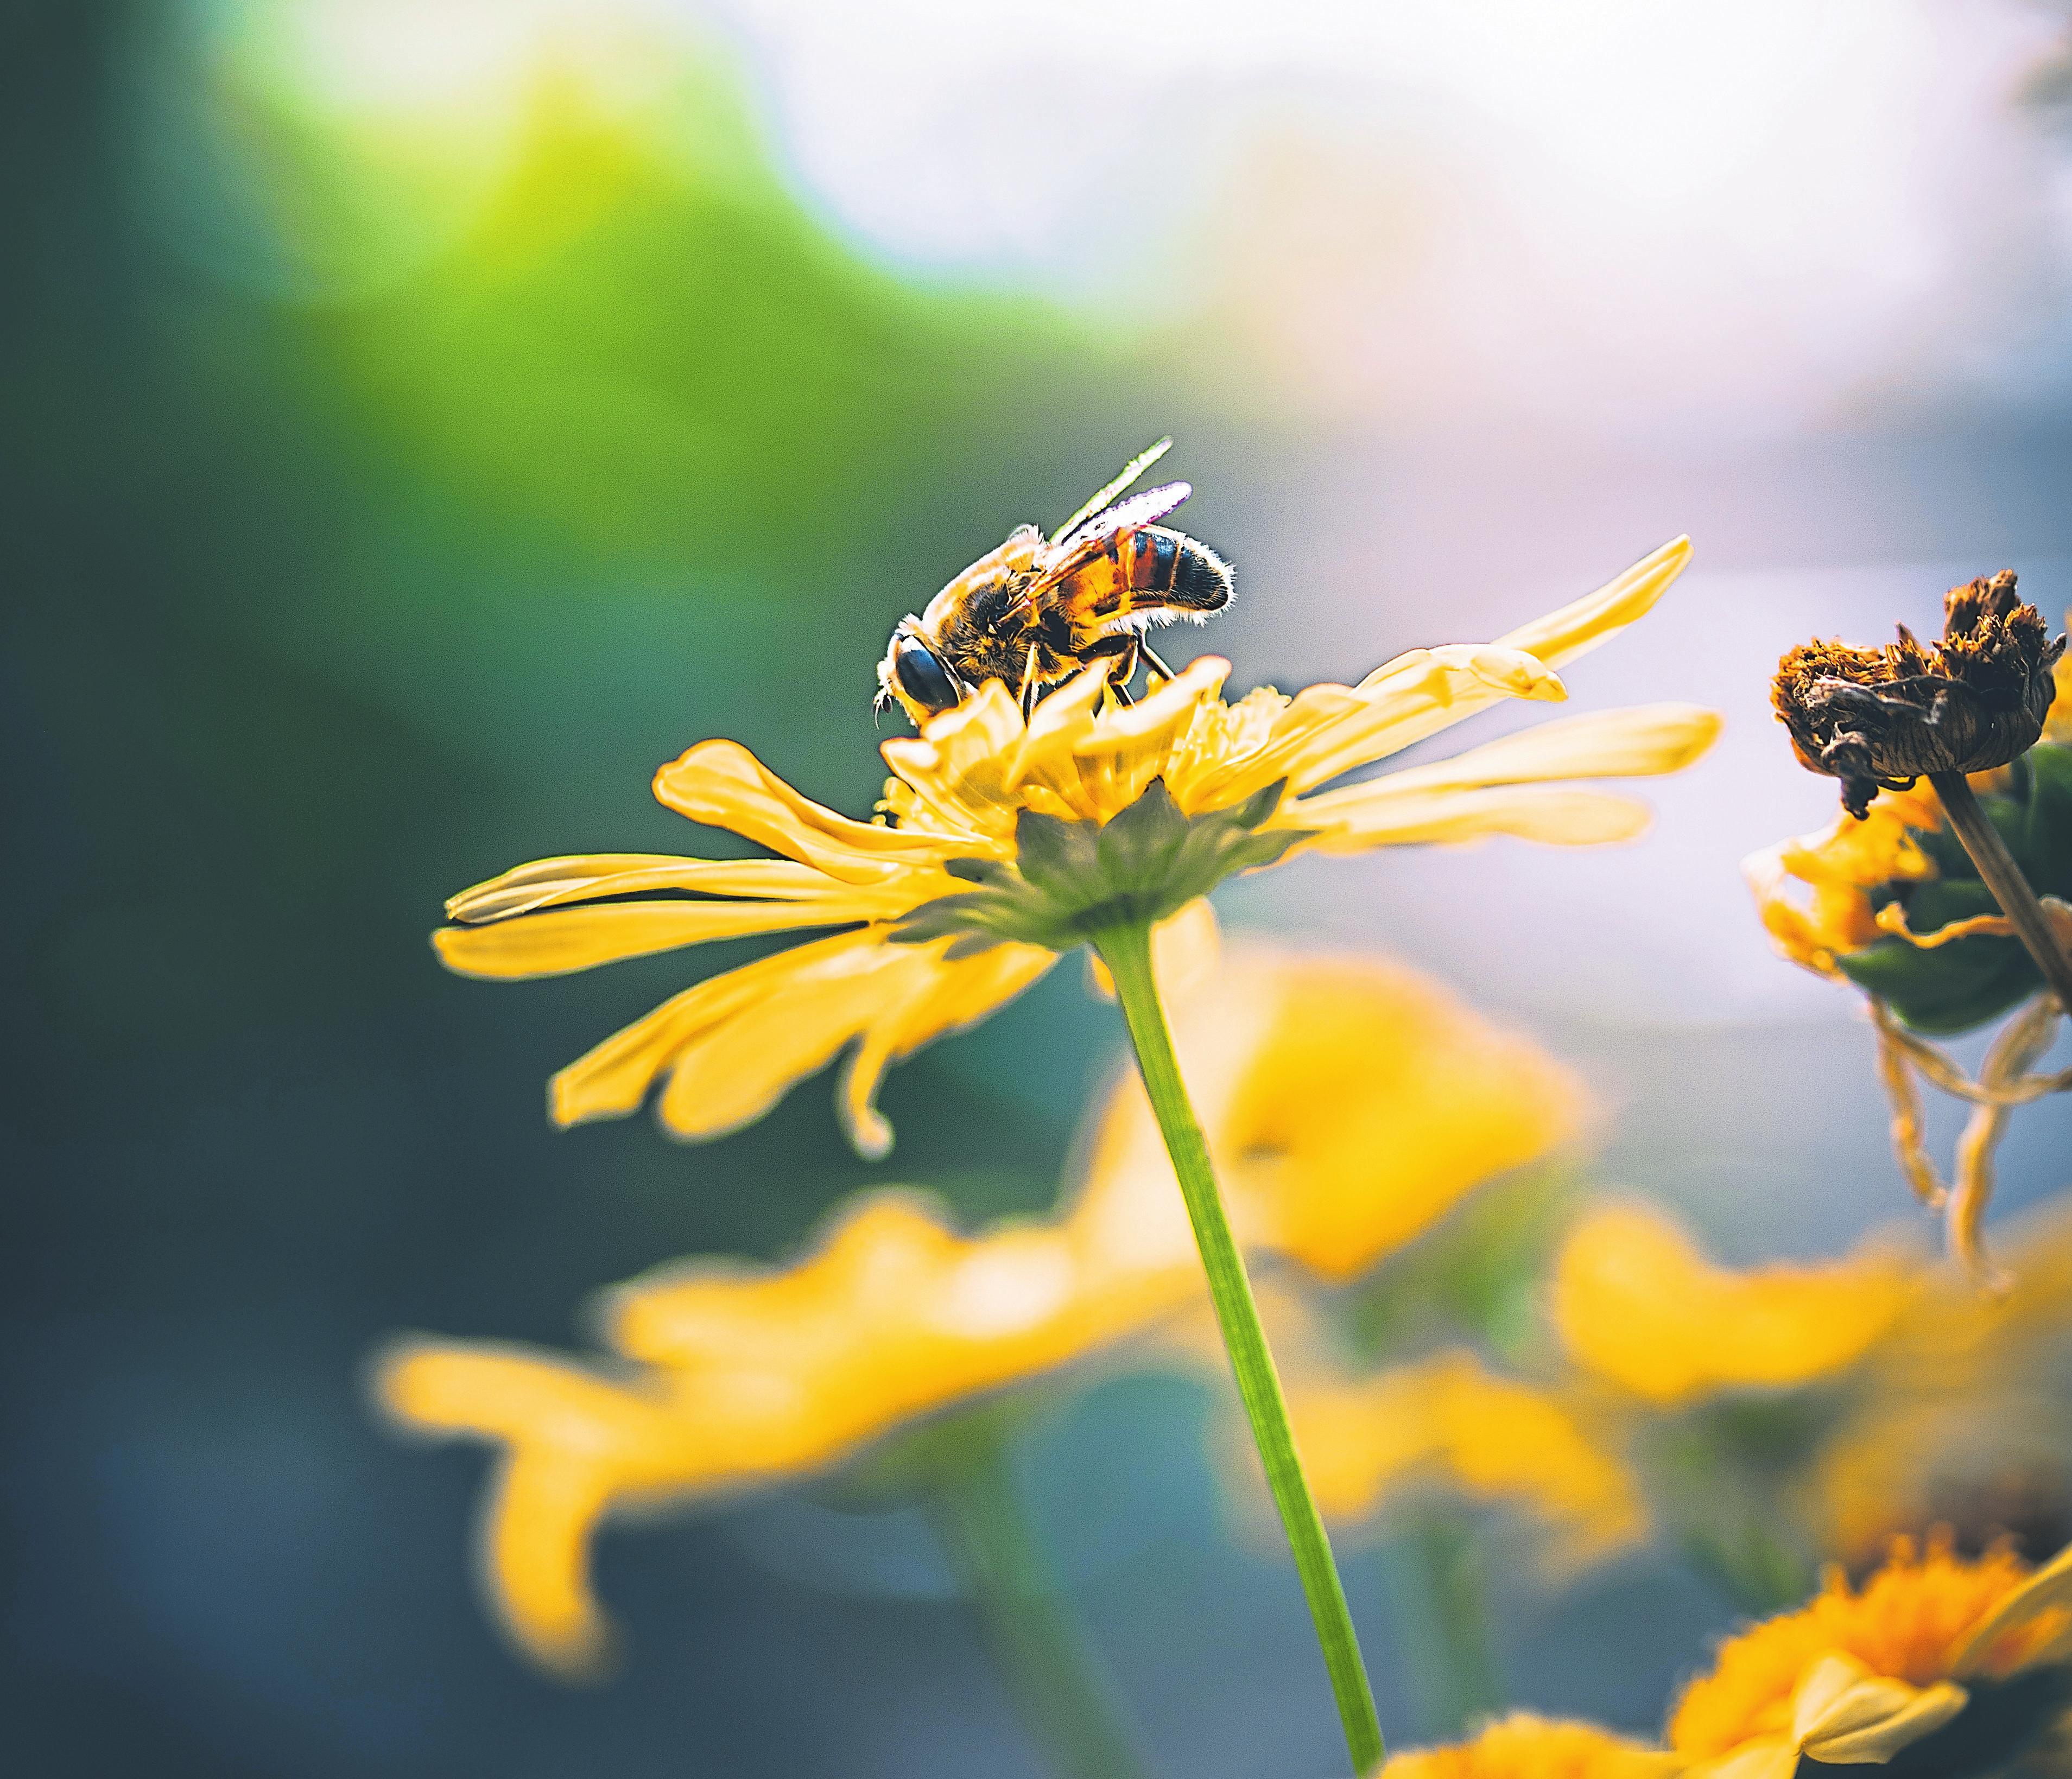 Auch wer eine Terrasse oder einen Balkon hat, kann in Töpfen, Kübeln, oder Blumenkästen bienenfreundliche Pflanzen setzen. Foto: Cactus